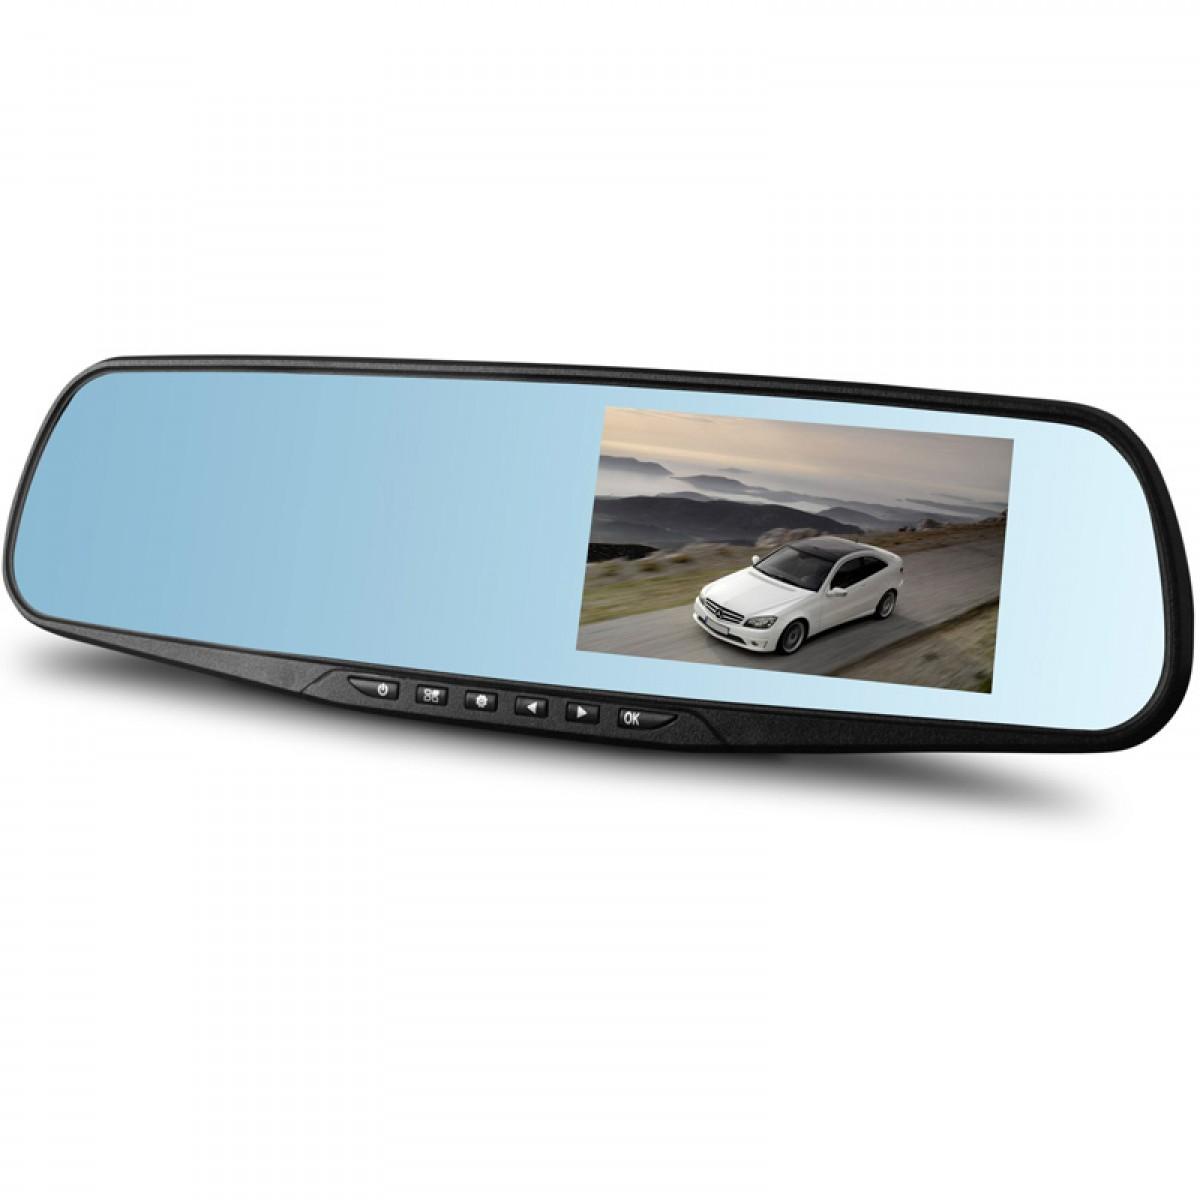 Καθρέπτης Αυτοκινήτου Full HD DVR Κάμερα Καταγραφικό με Οθόνη 3'' & Κάμερα Οπισθοπορείας-OEM